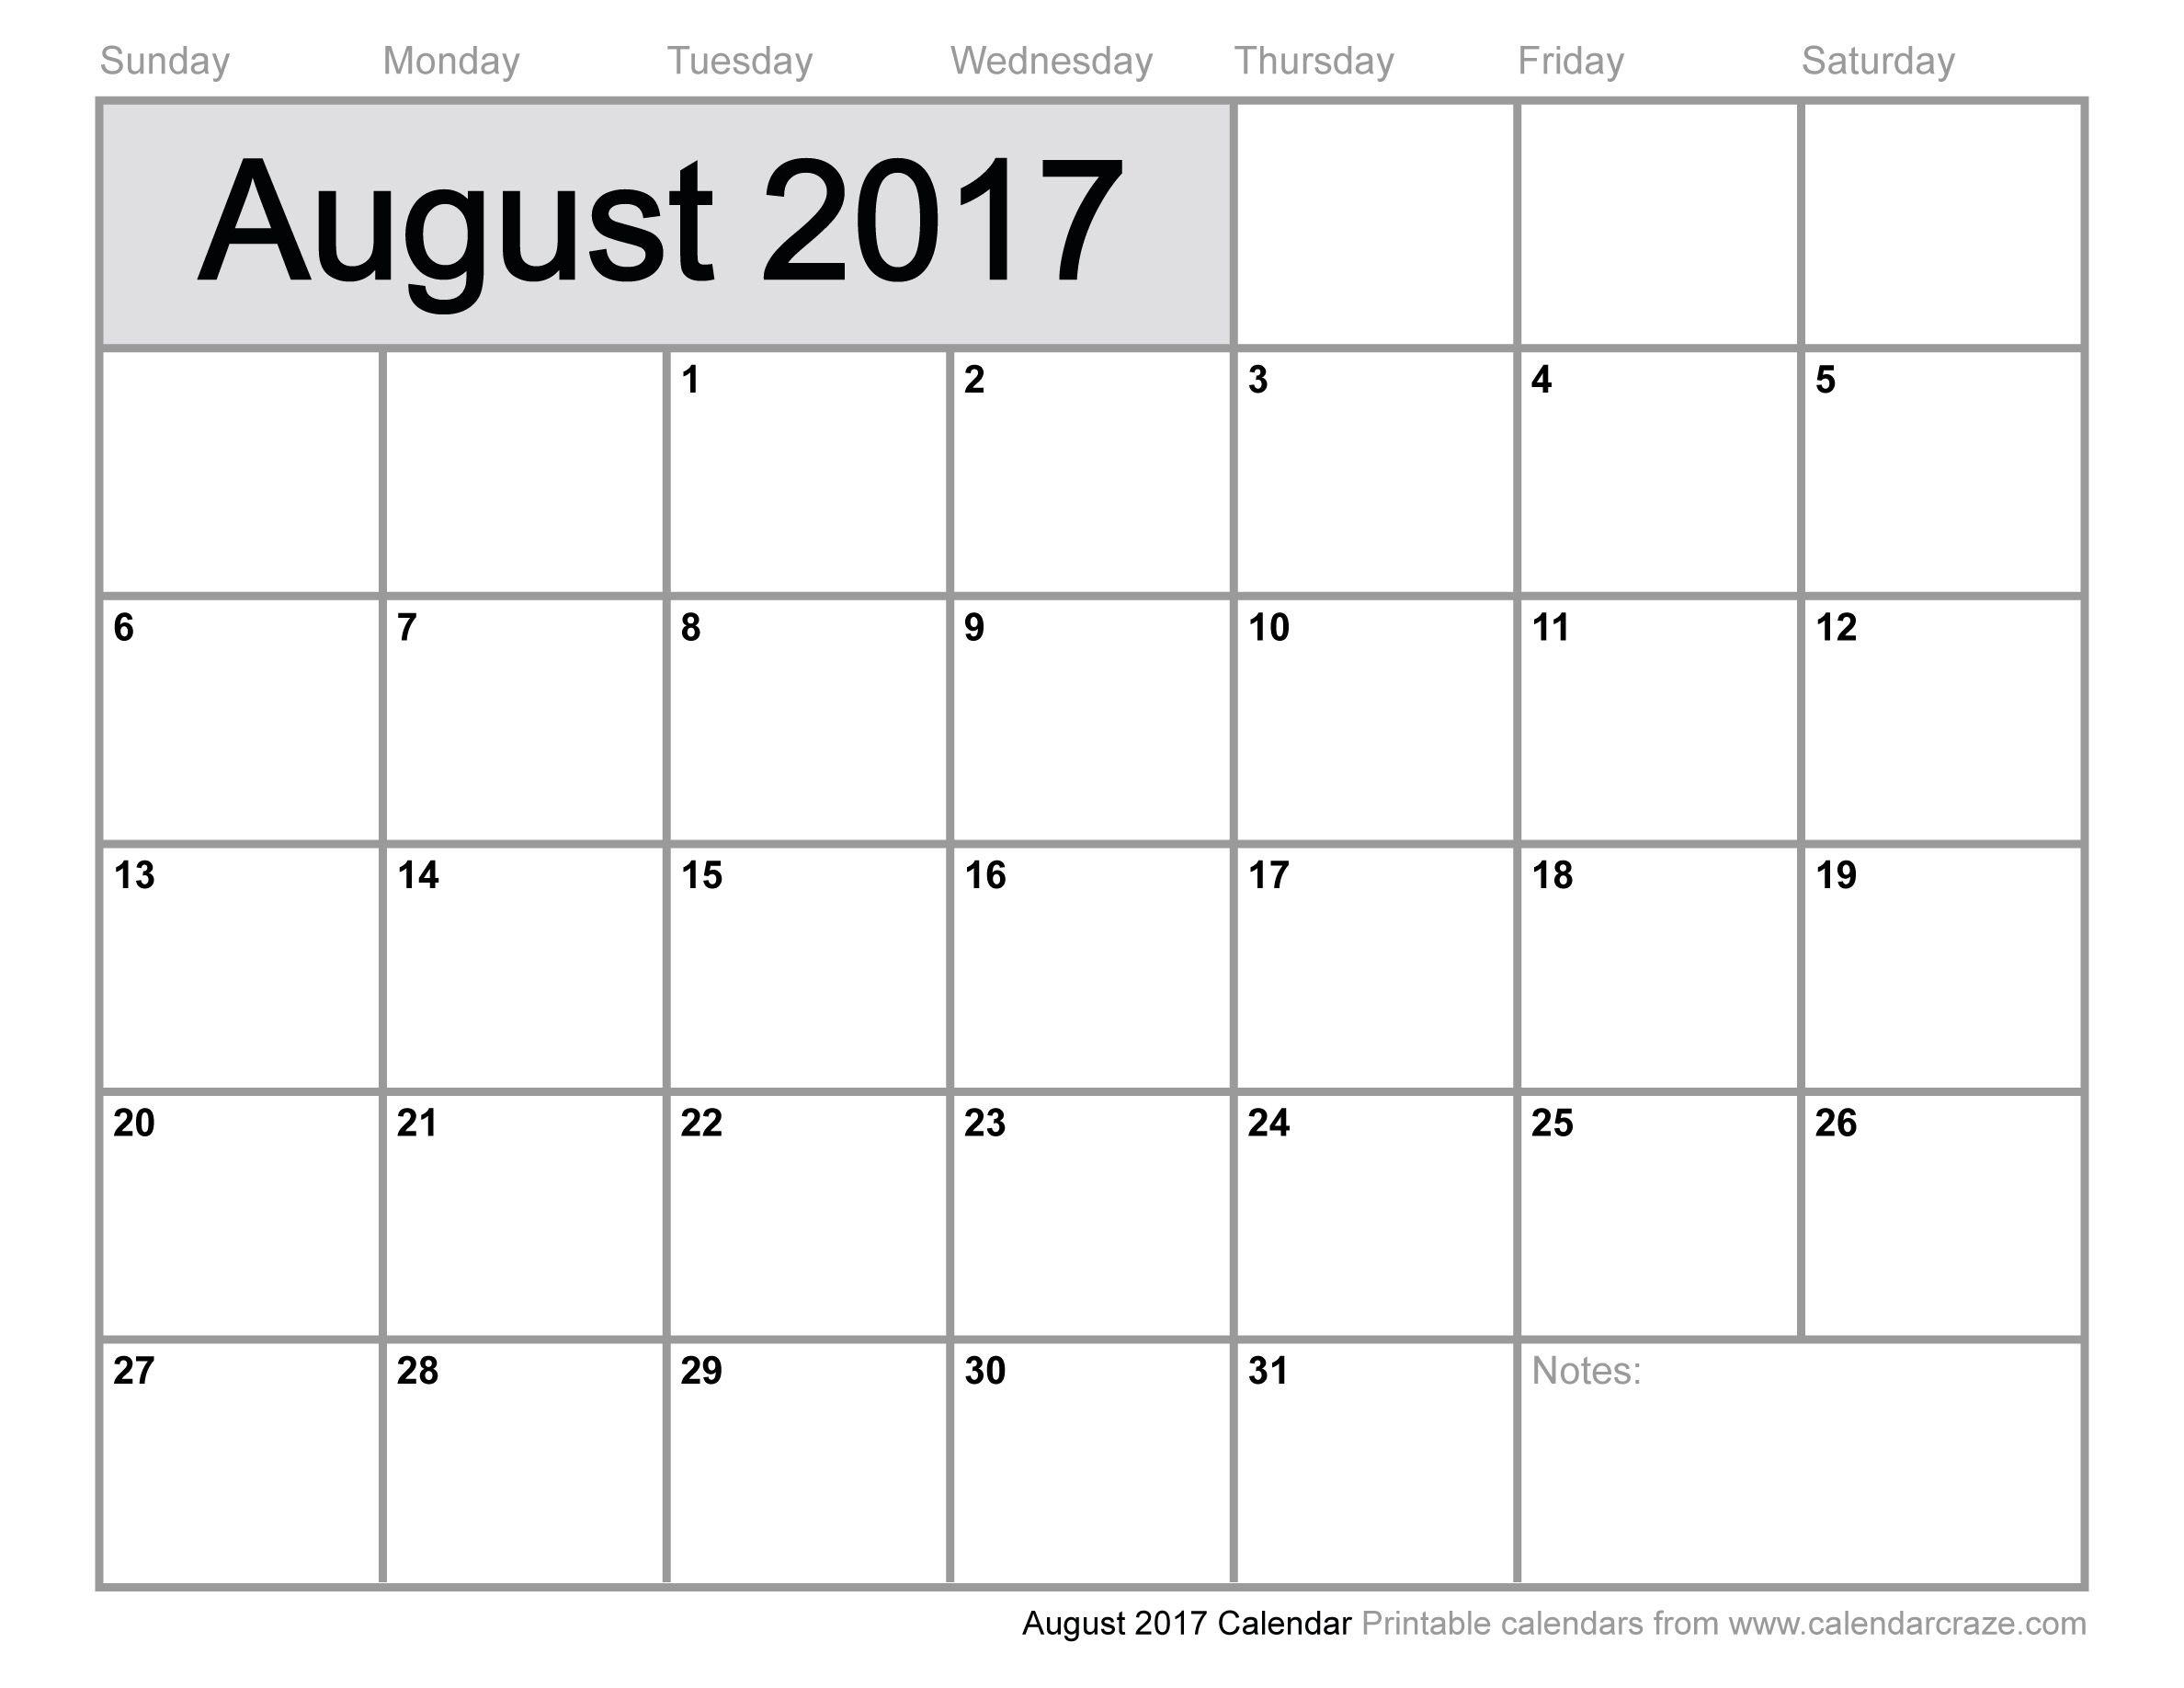 August 2017 Calendar Uk, August 2017 Uk Calendar, August